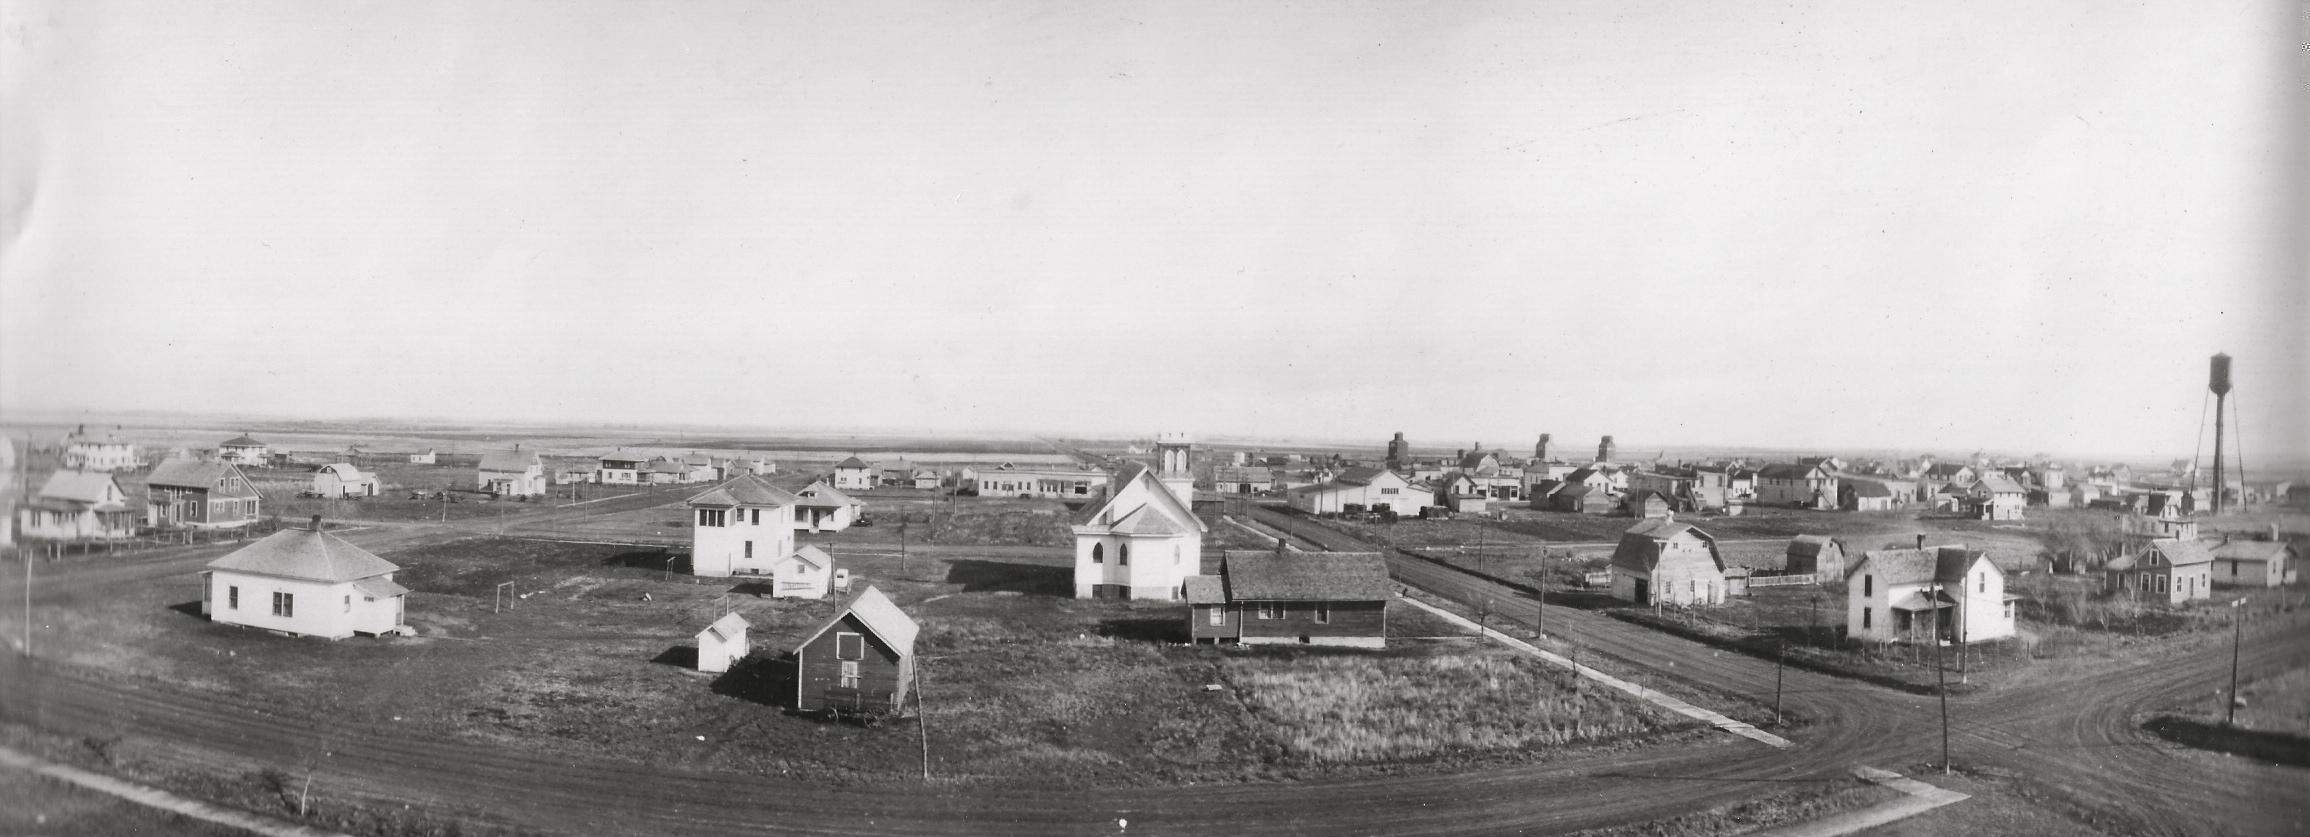 Early day Veblen, South Dakota